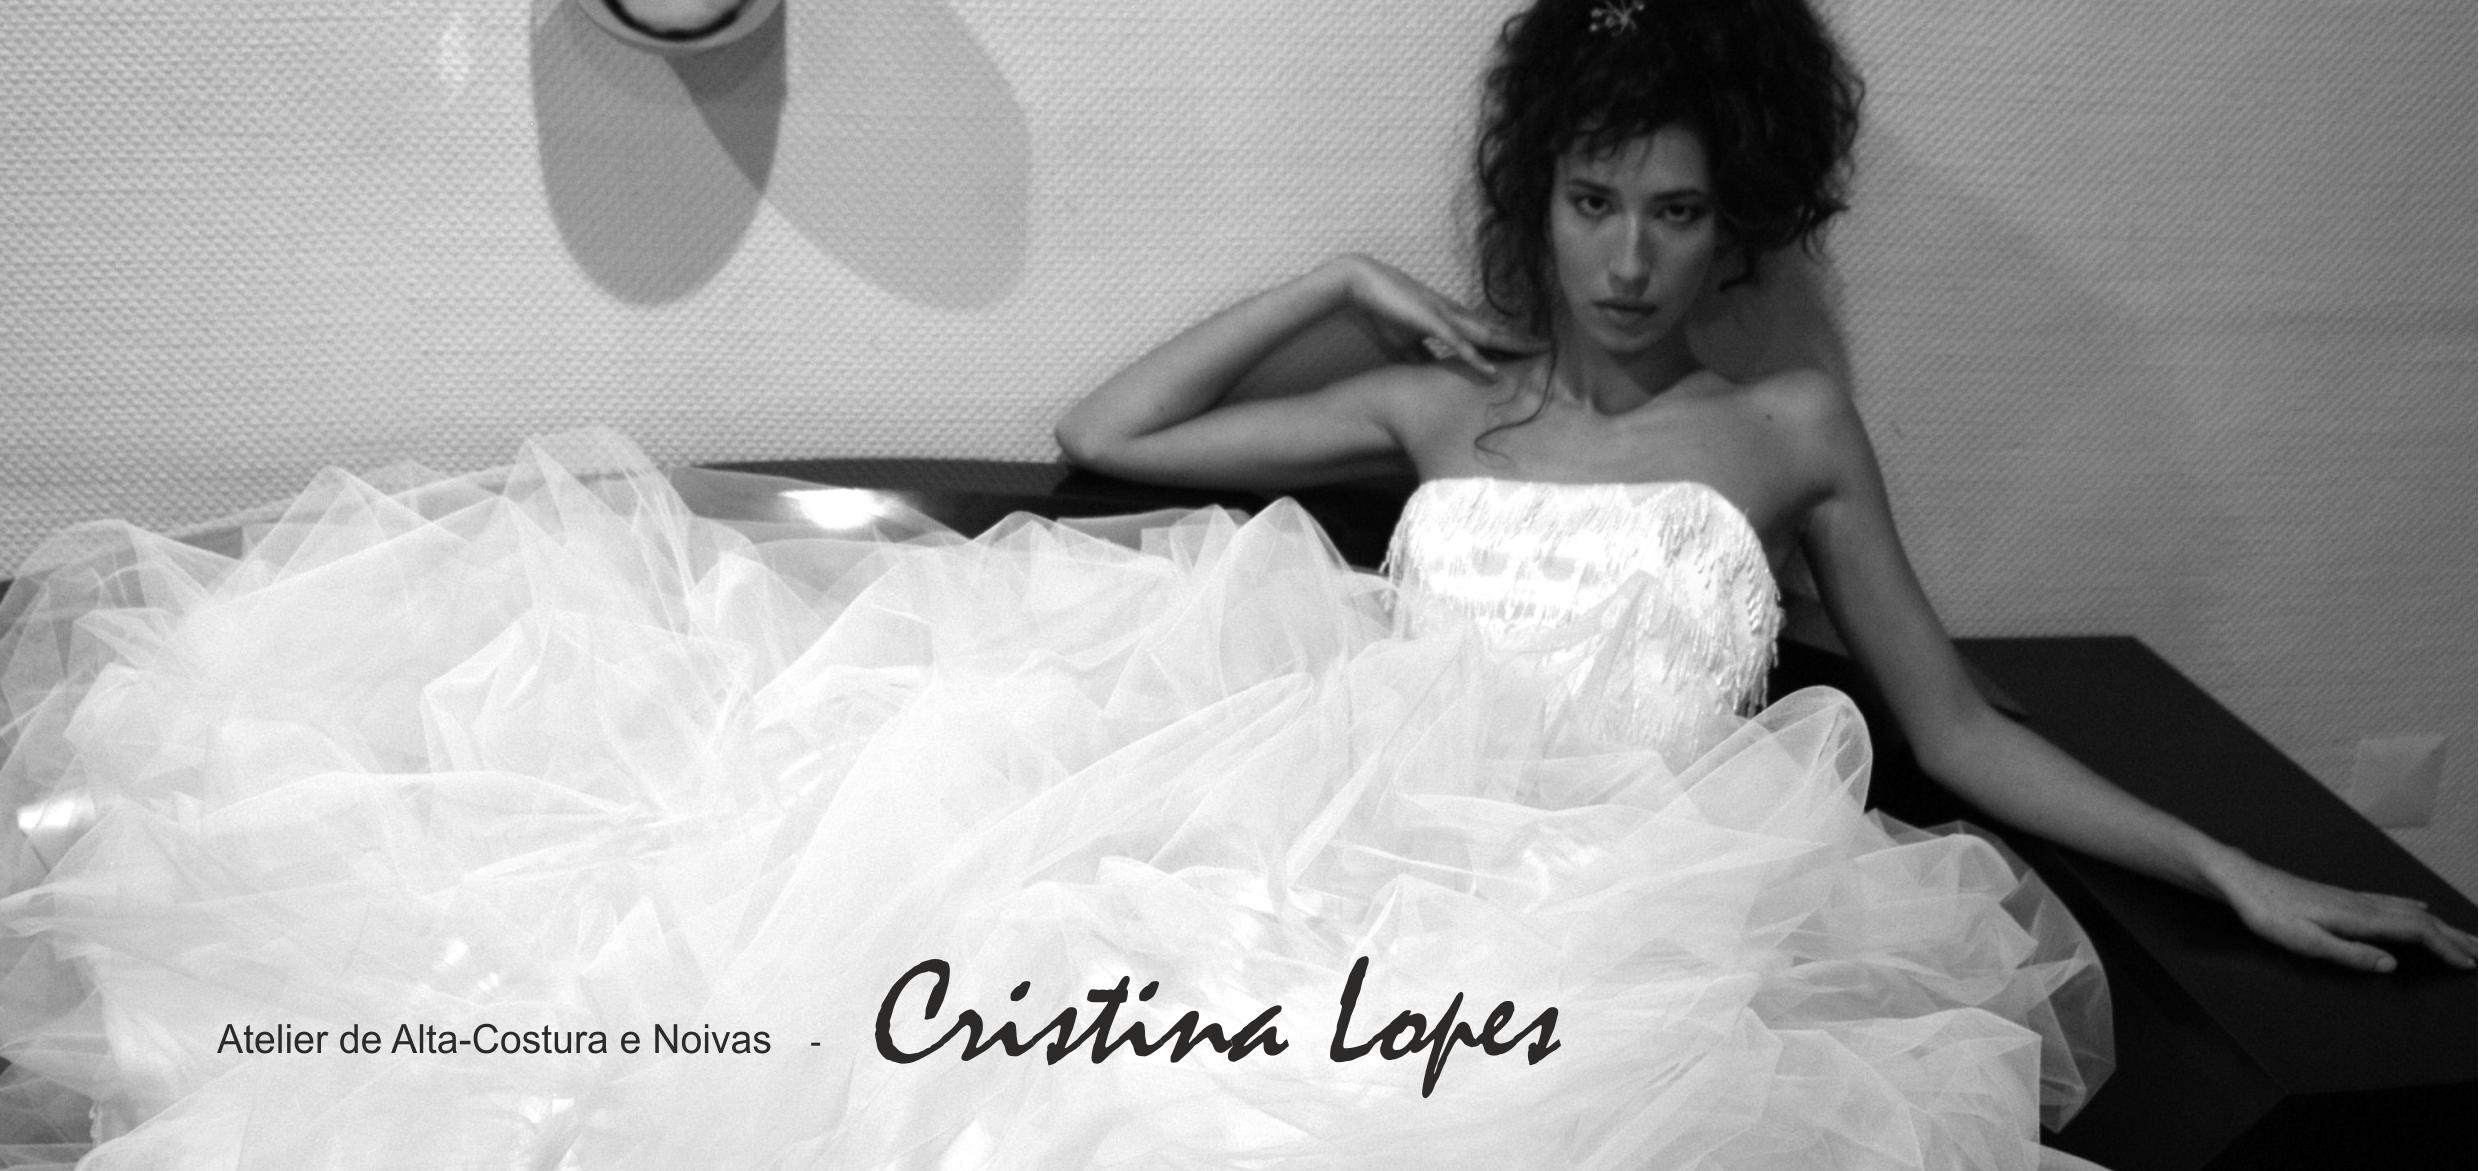 Vestido de noiva Cristina Lopes 2016 - 2017